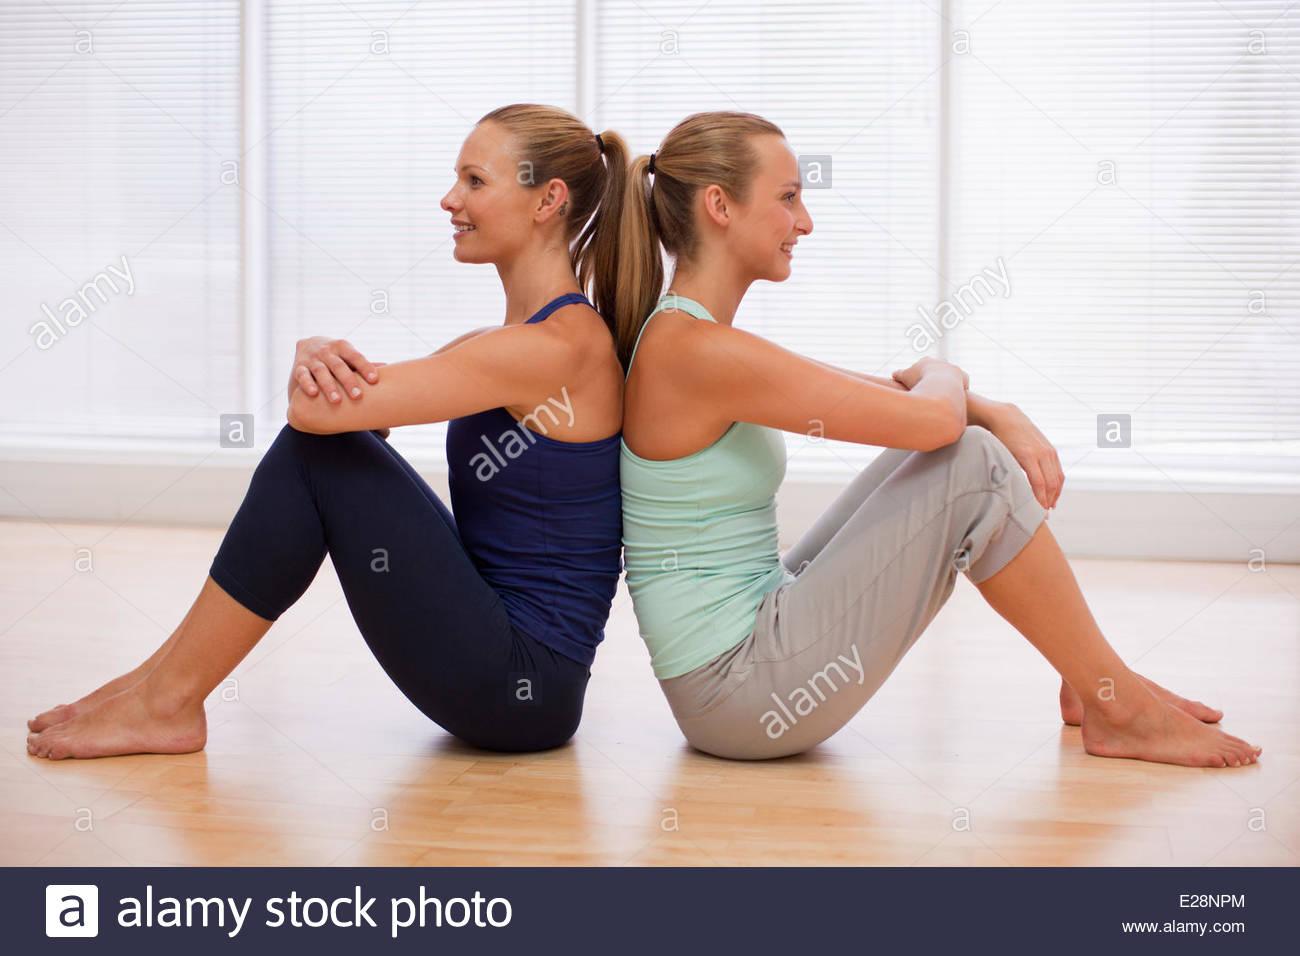 Porträt von lächelnden Frauen sitzen Rücken an Rücken im Fitness-studio Stockbild